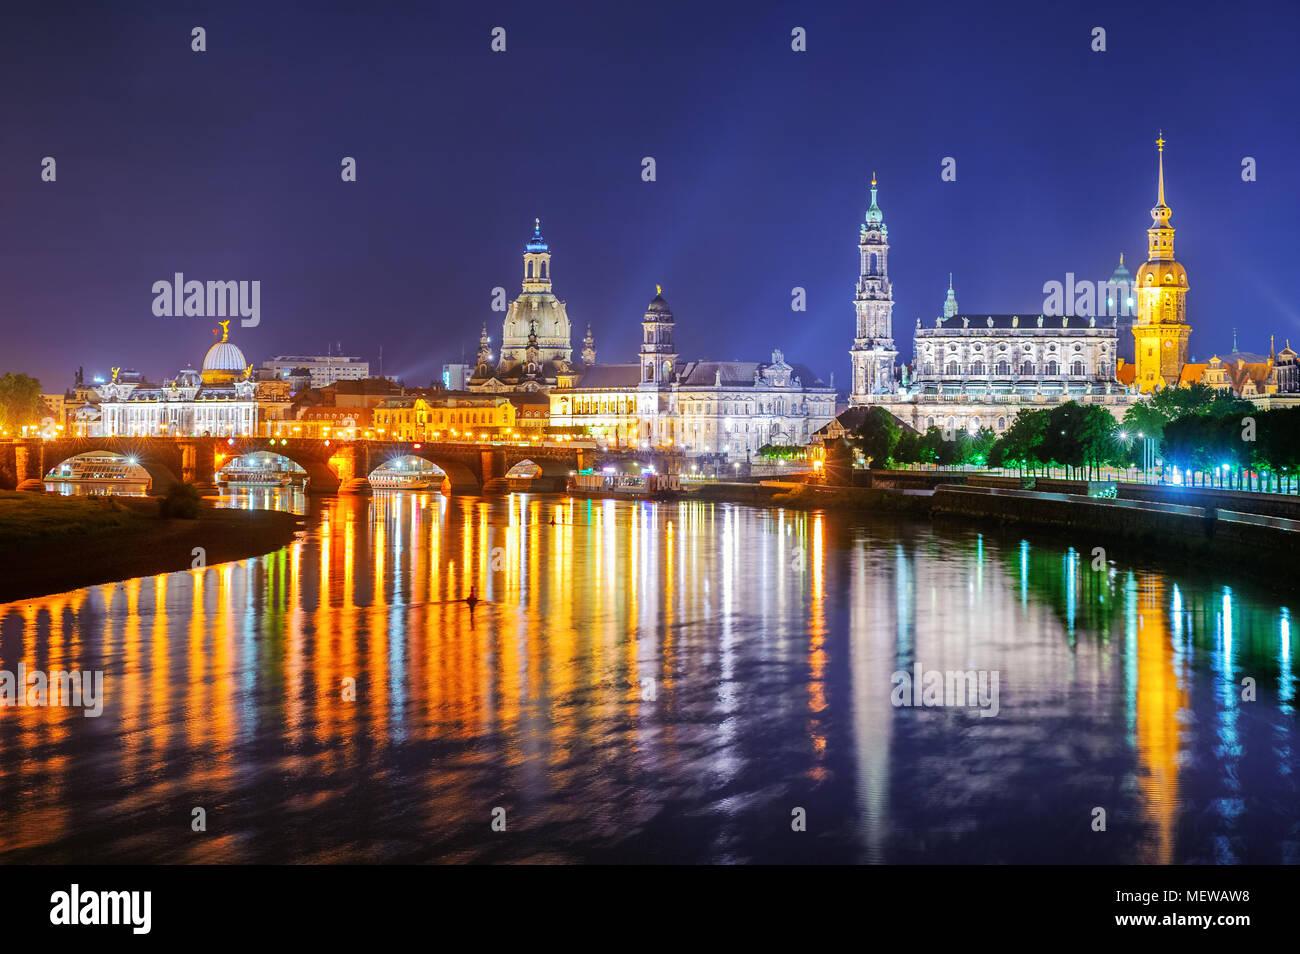 Vista panoramica di Dresda città vecchia riflettente nel fiume Elba a tarda sera, Germania Immagini Stock